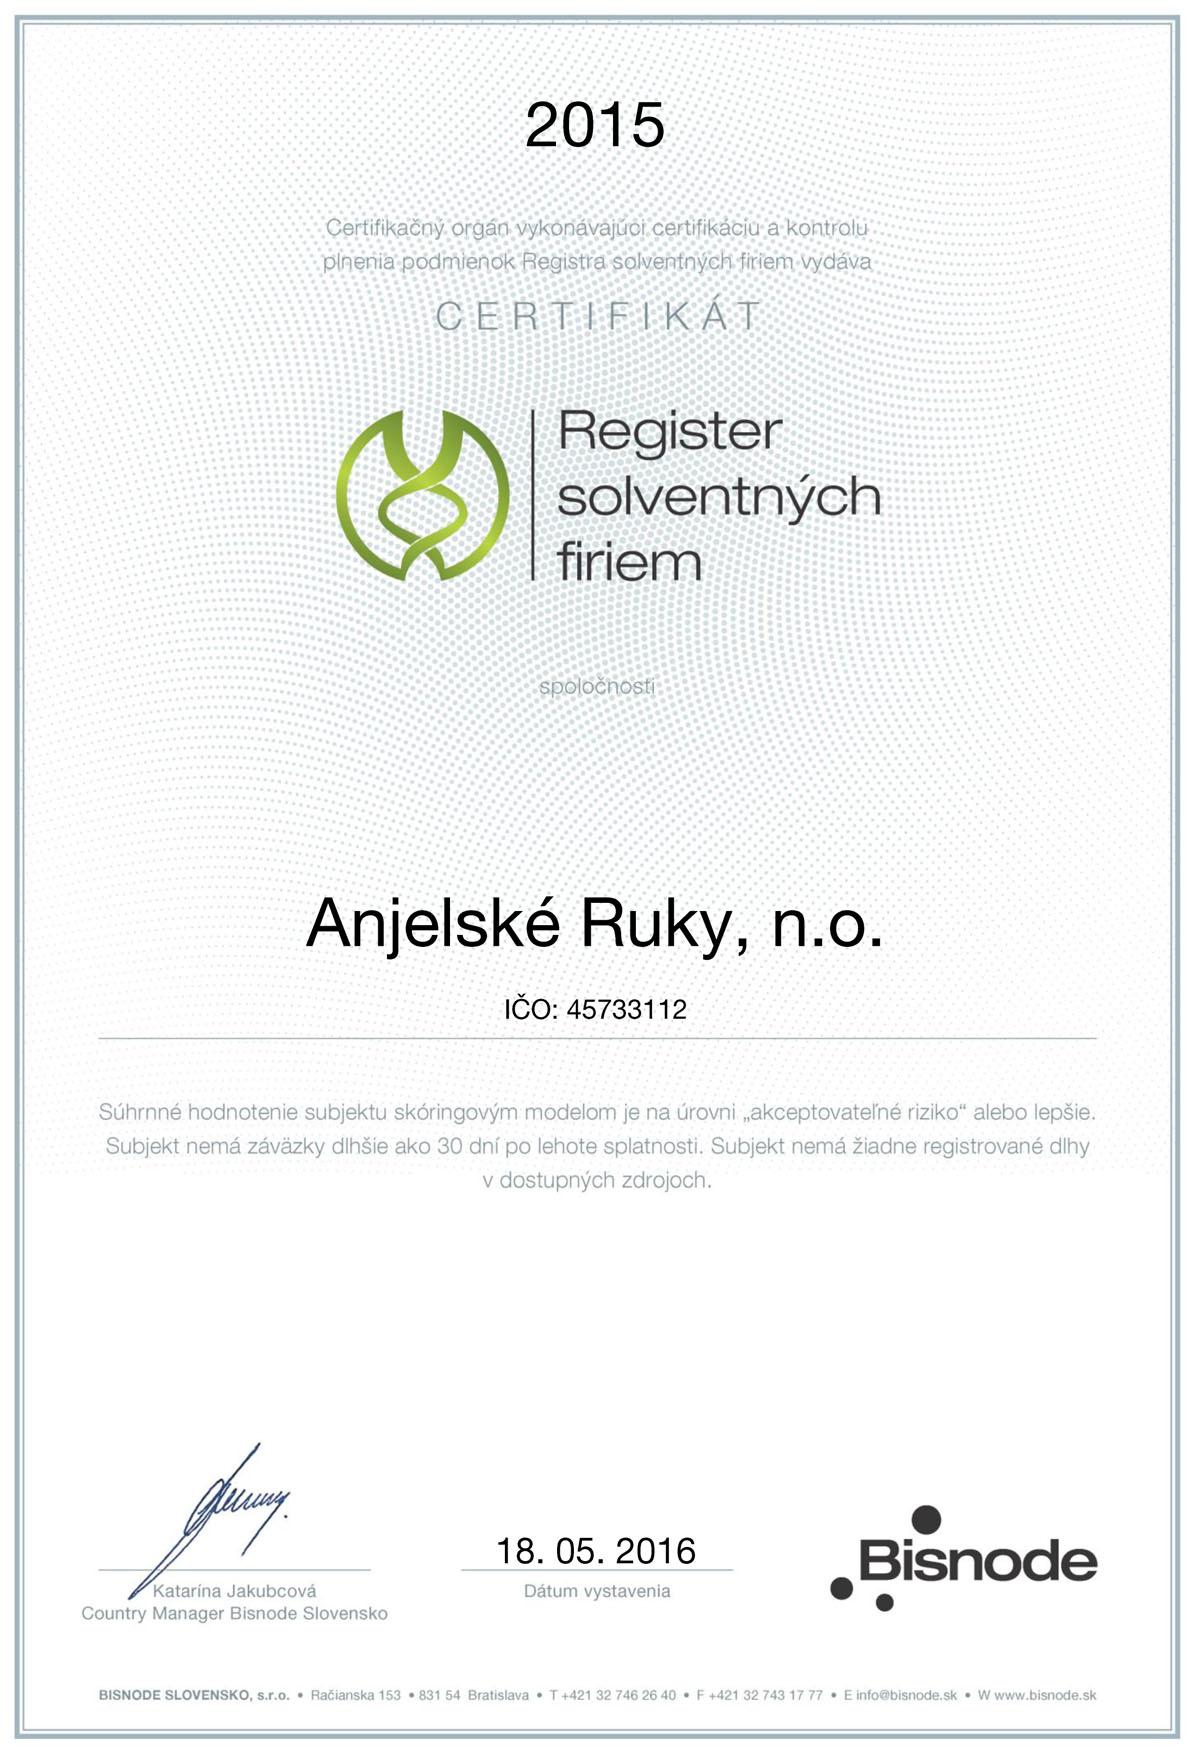 Certifikát od Bisnode